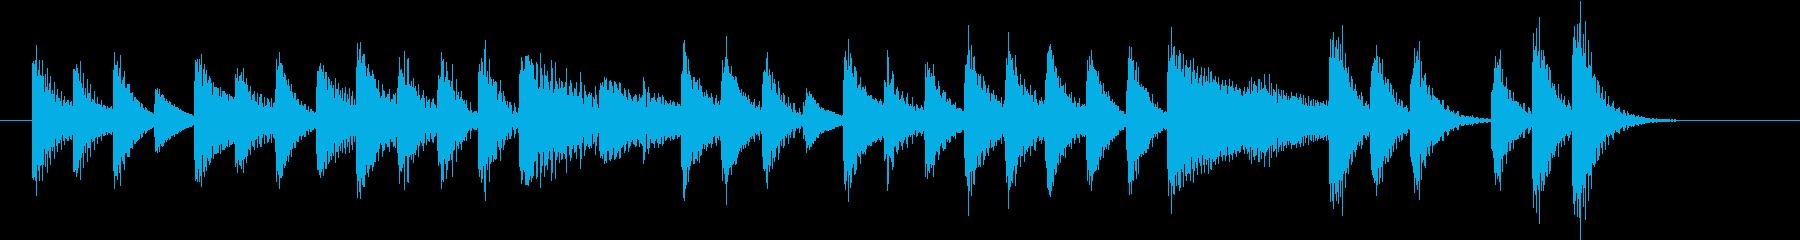 家庭的でのどかな軽快日本風ピアノジングルの再生済みの波形